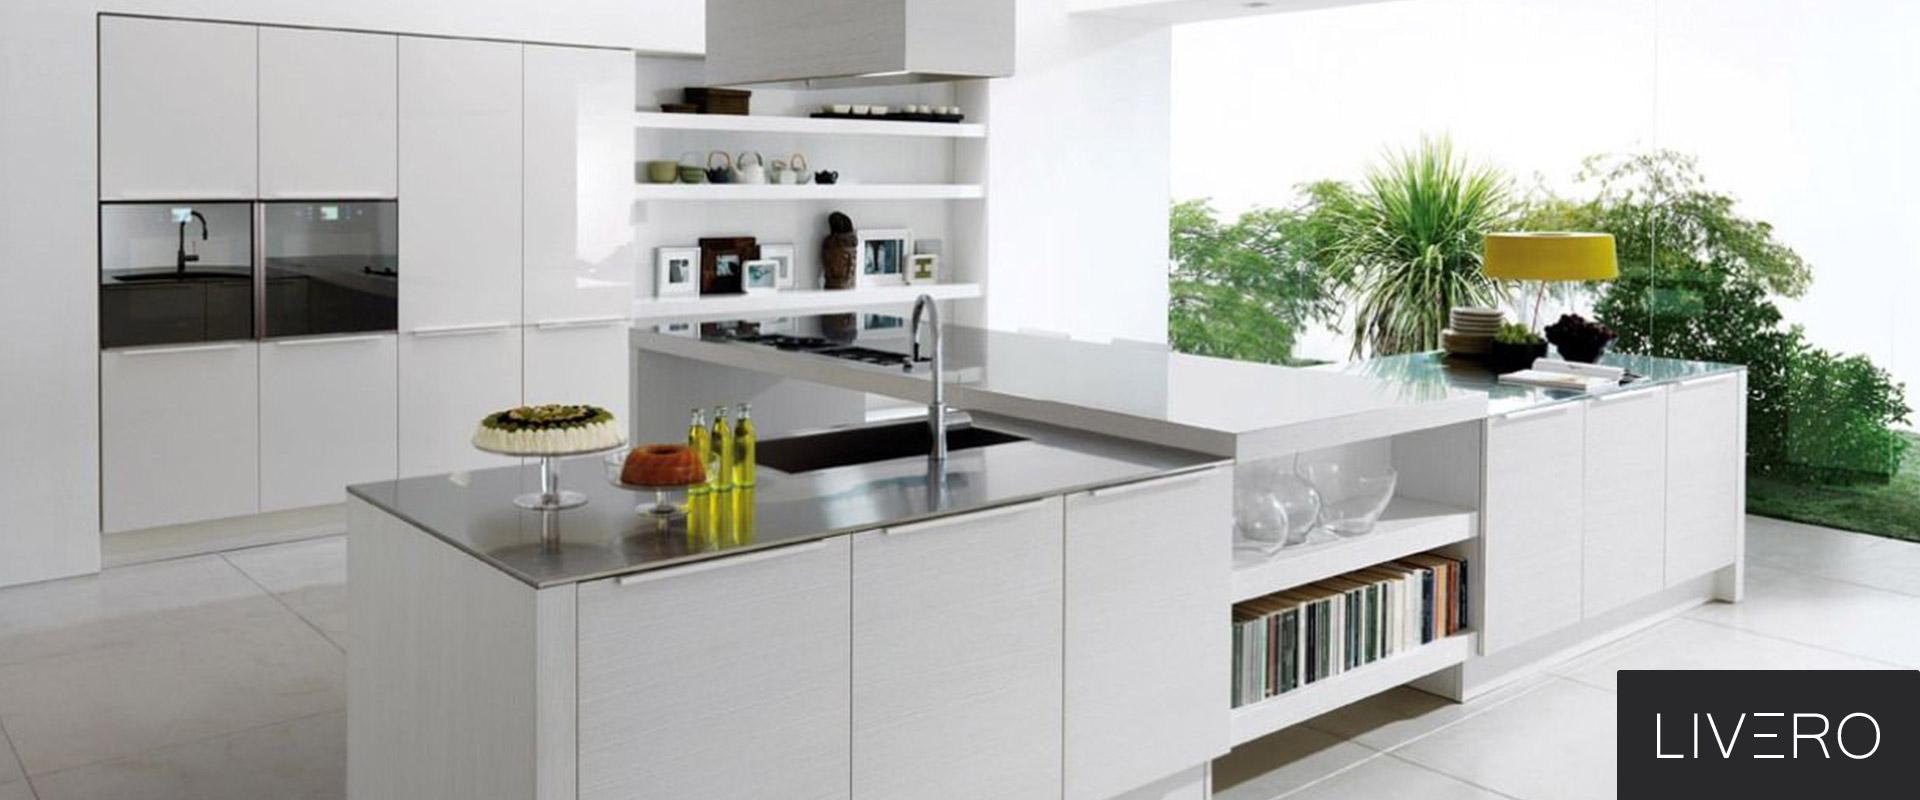 livero_kuchyne_inspirace